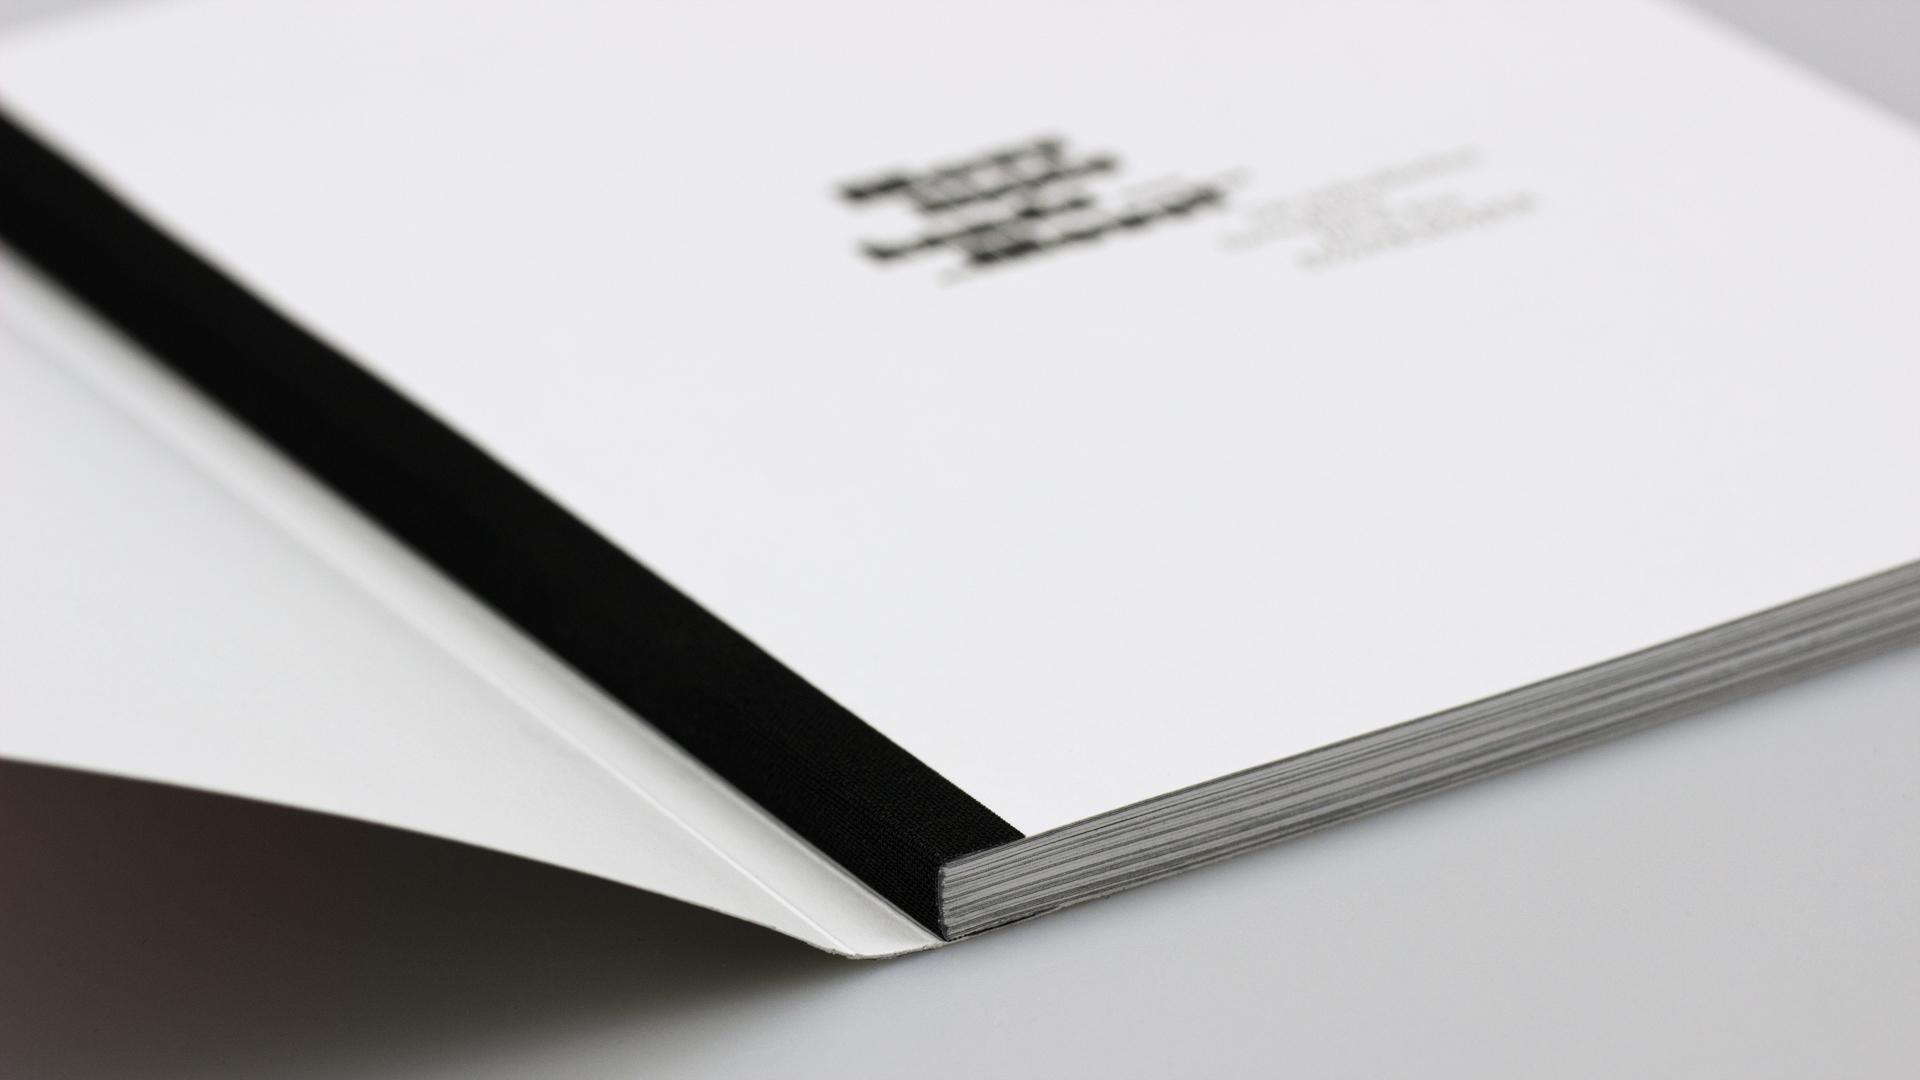 Schweizer Broschur mit farbigem Fälzelband